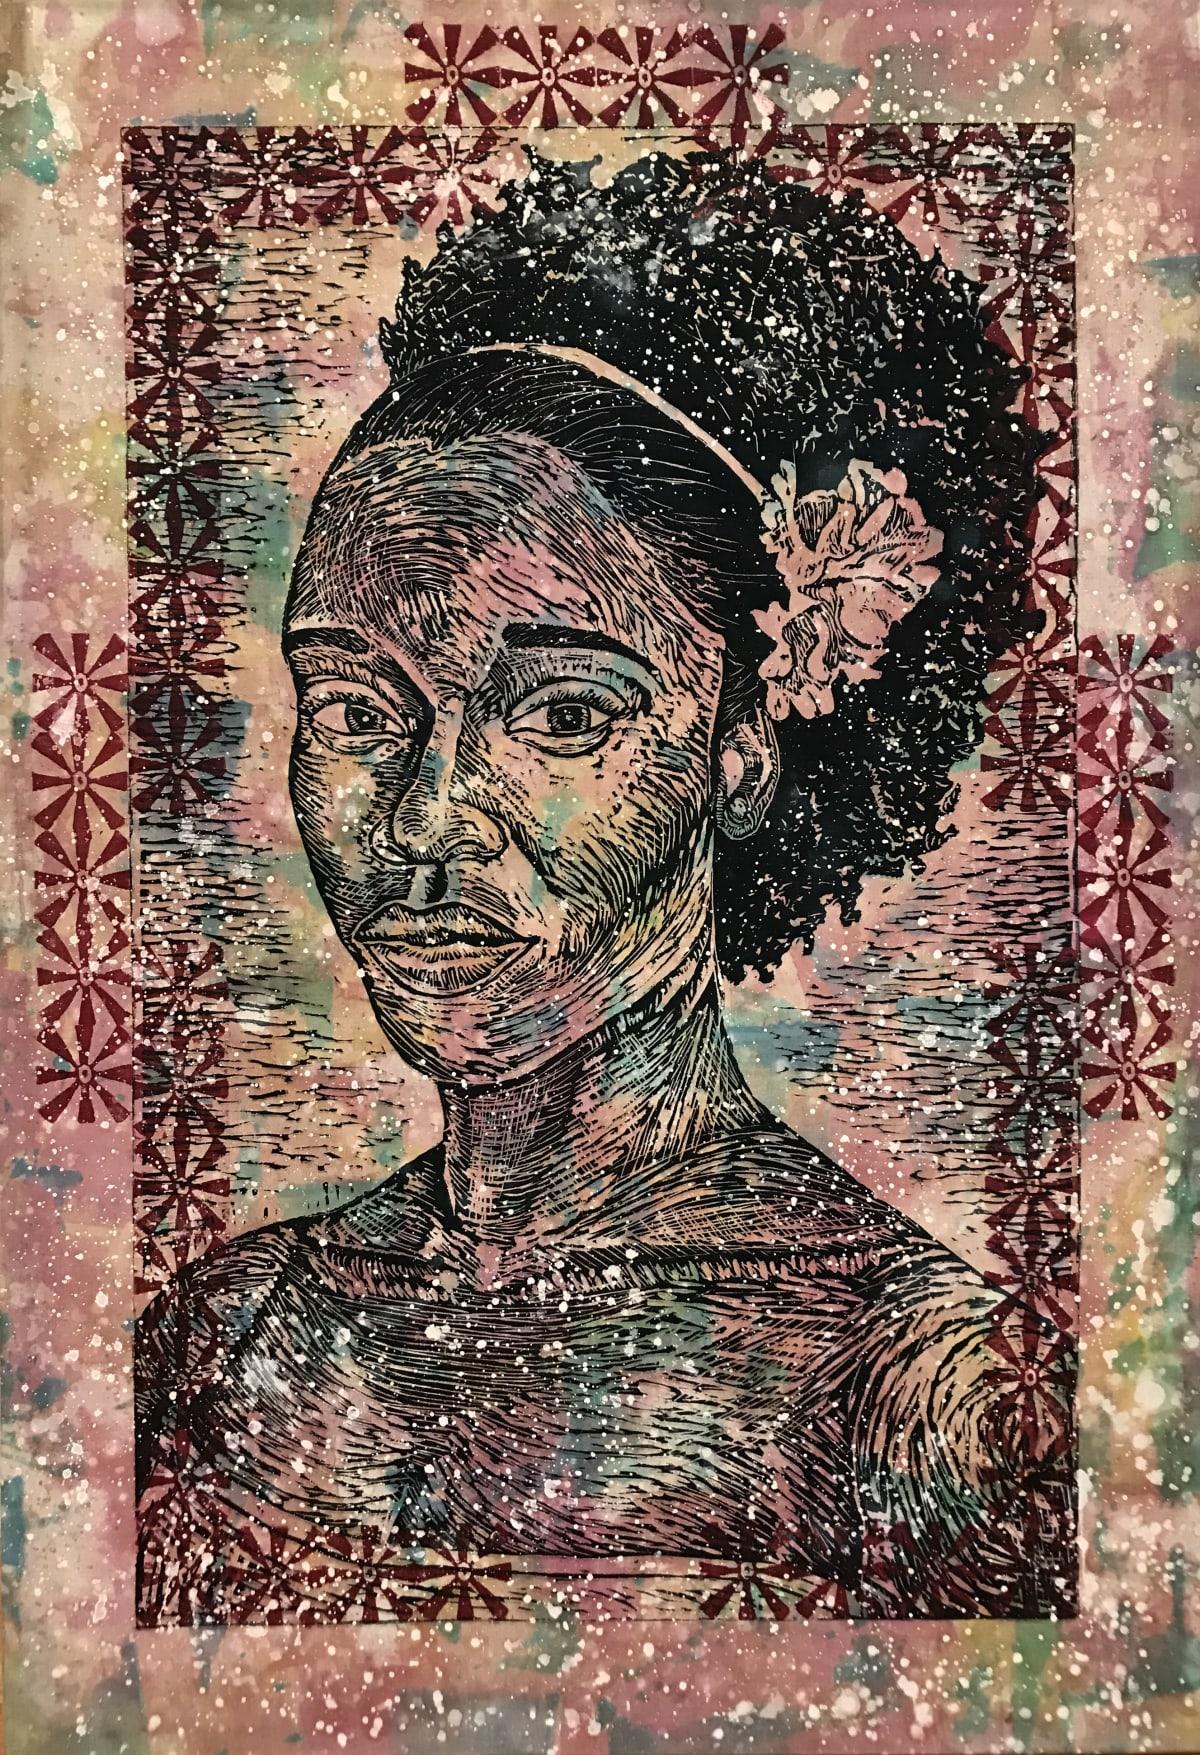 Latoya Hobbs Angel III Wood cut monoprint on muslin 53 x 36